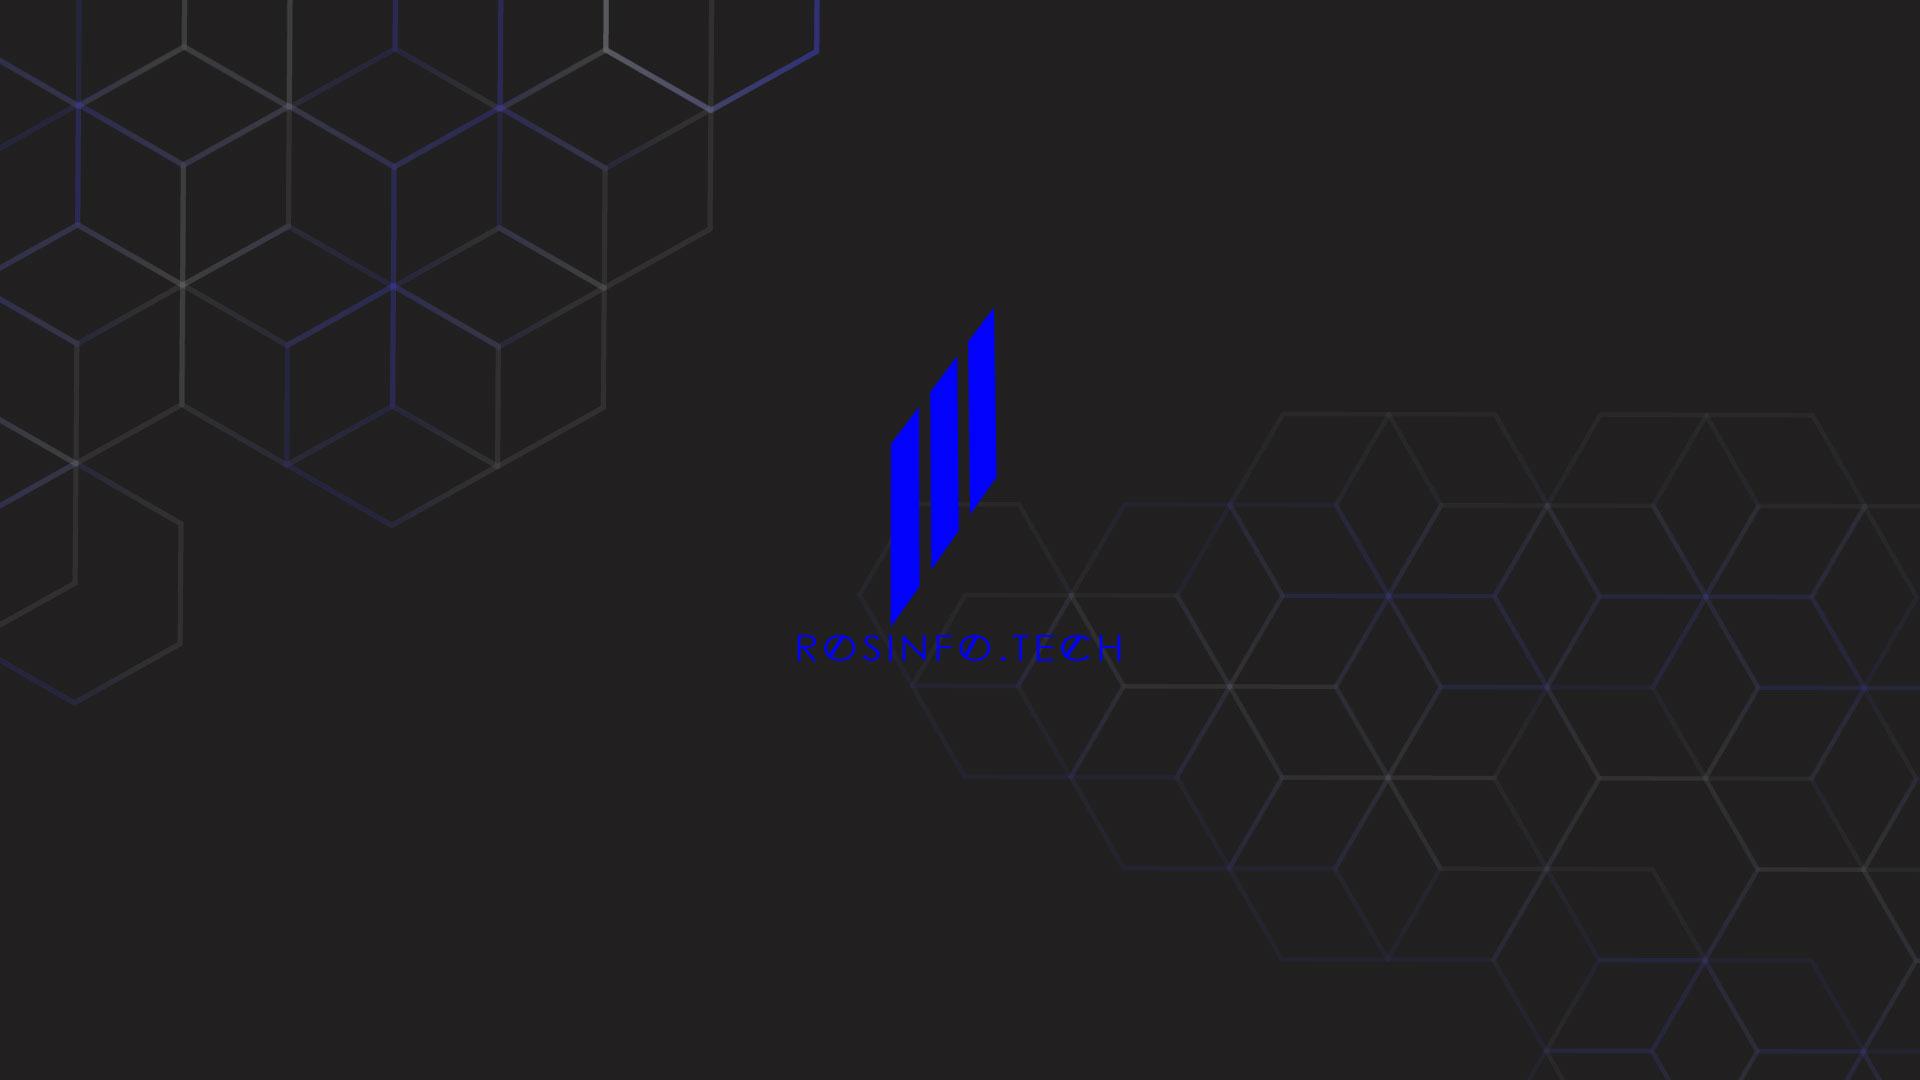 Разработка пакета айдентики rosinfo.tech фото f_6865e1f0f4c0d274.jpg